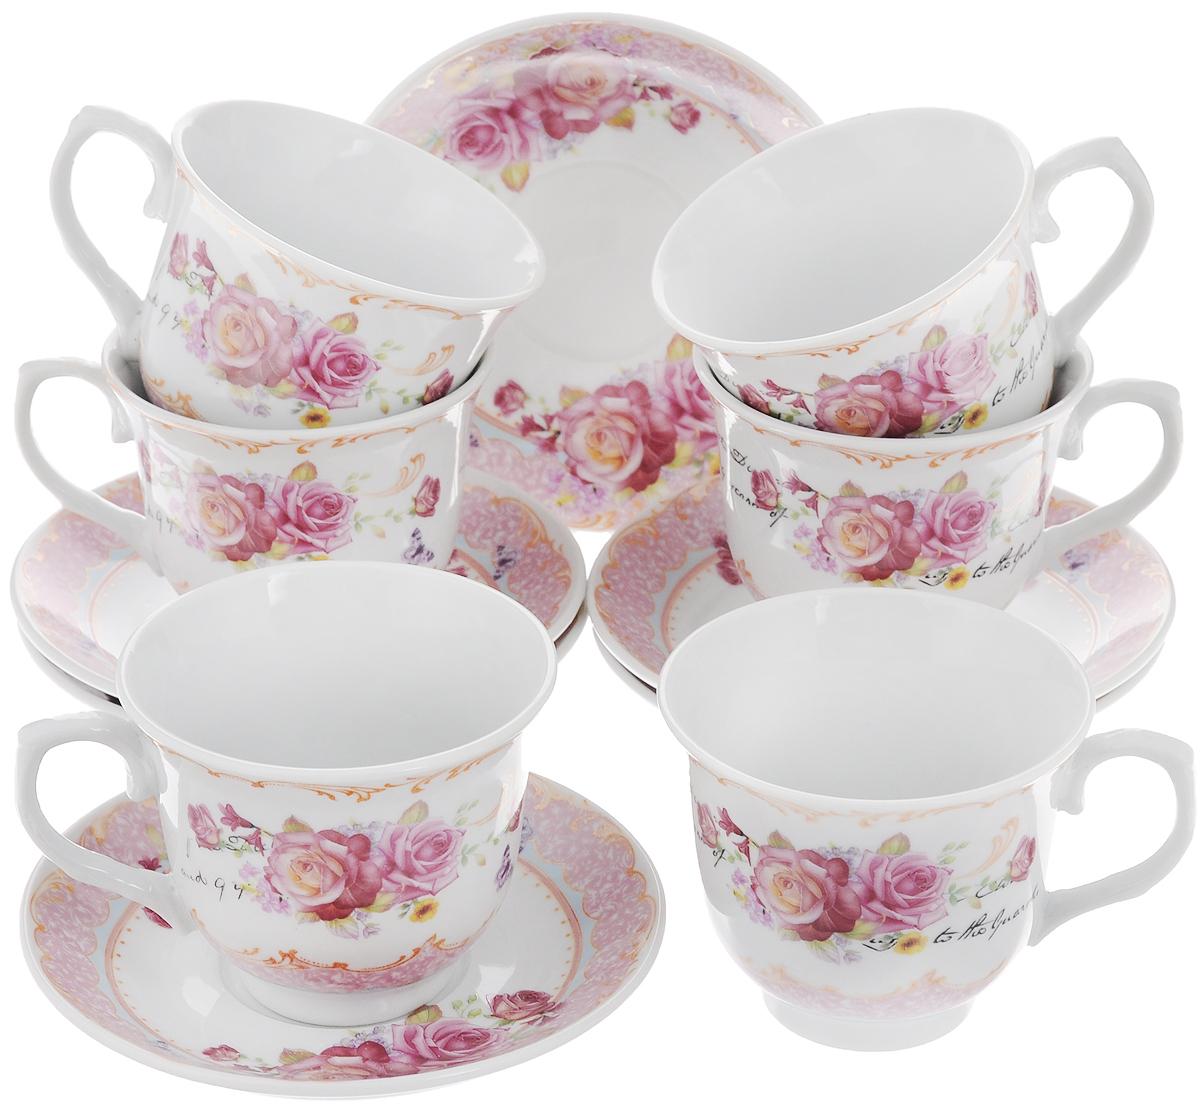 Набор чайный Loraine, 12 предметов. 2578125781Чайный набор Loraine состоит из 6 чашек и 6 блюдец. Изделия выполнены из высококачественного костяного фарфора и оформлены цветочным рисунком. Такой набор дополнит сервировку стола к чаепитию. Благодаря изысканному дизайну и качеству исполнения он станет замечательным подарком для ваших друзей и близких. Набор упакован в подарочную коробку, задрапированную белой атласной тканью. Объем чашки: 220 мл. Диаметр чашки по верхнему краю: 9 см. Высота чашки: 7,5 см. Диаметр блюдца: 13,5 см.Высота блюдца: 2,2 см.